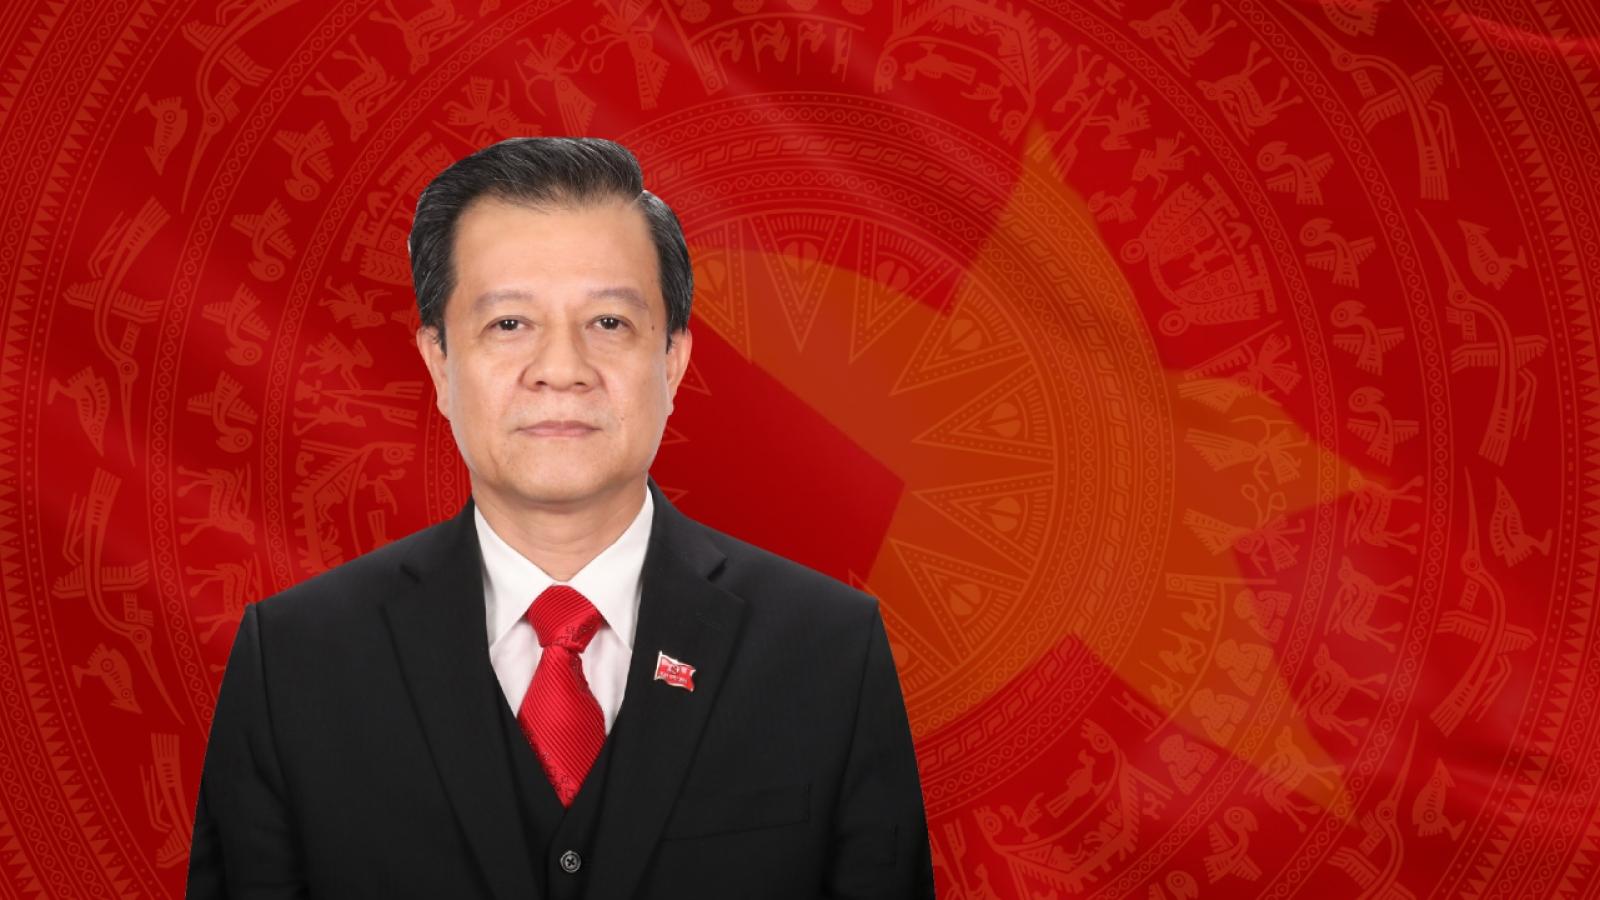 Quá trình công tác của tân Bí thư Tỉnh ủy An Giang Lê Hồng Quang